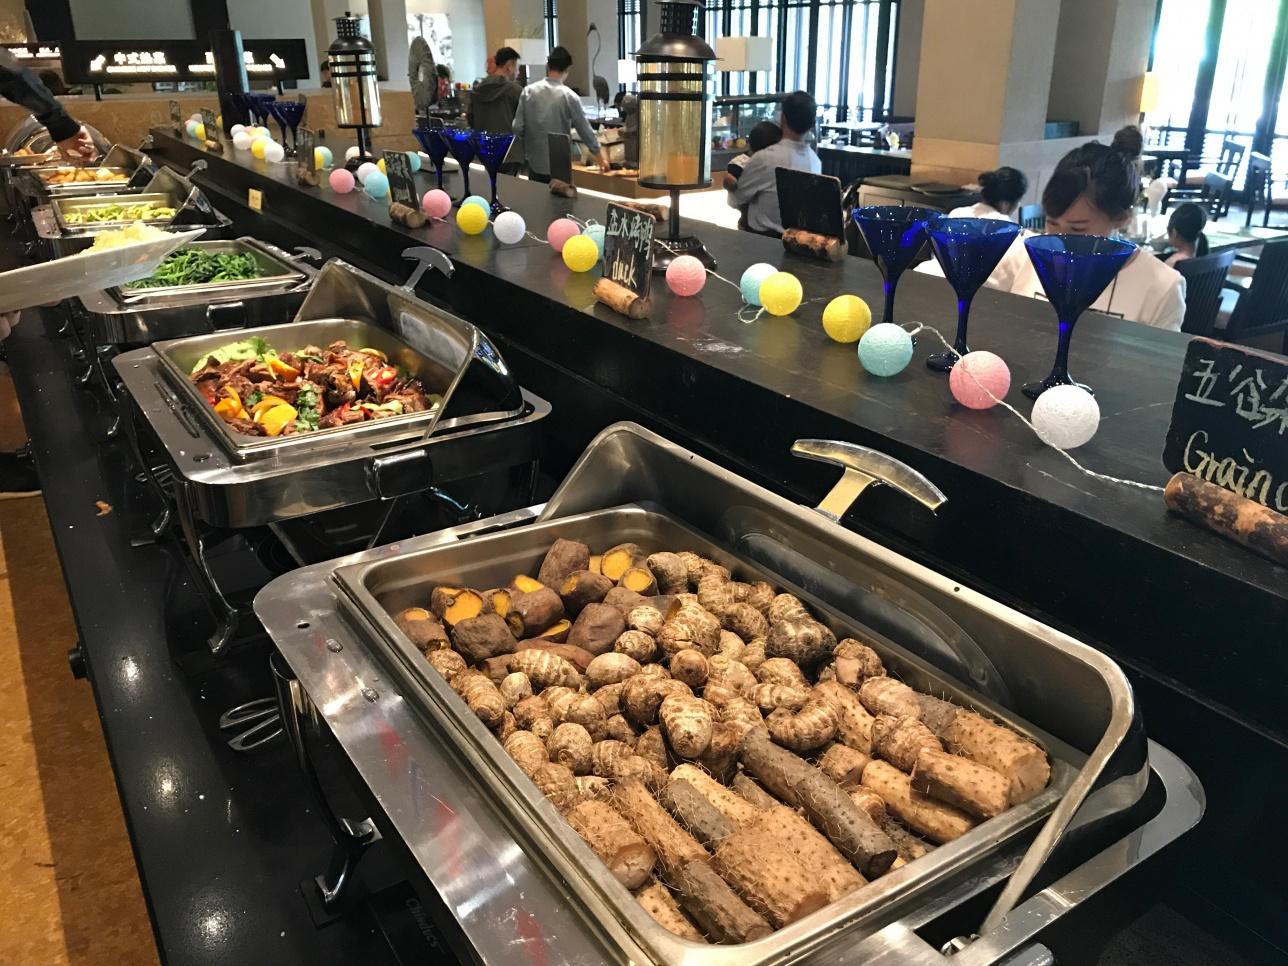 Шведский стол в одном из дорогих ресторанов Китая